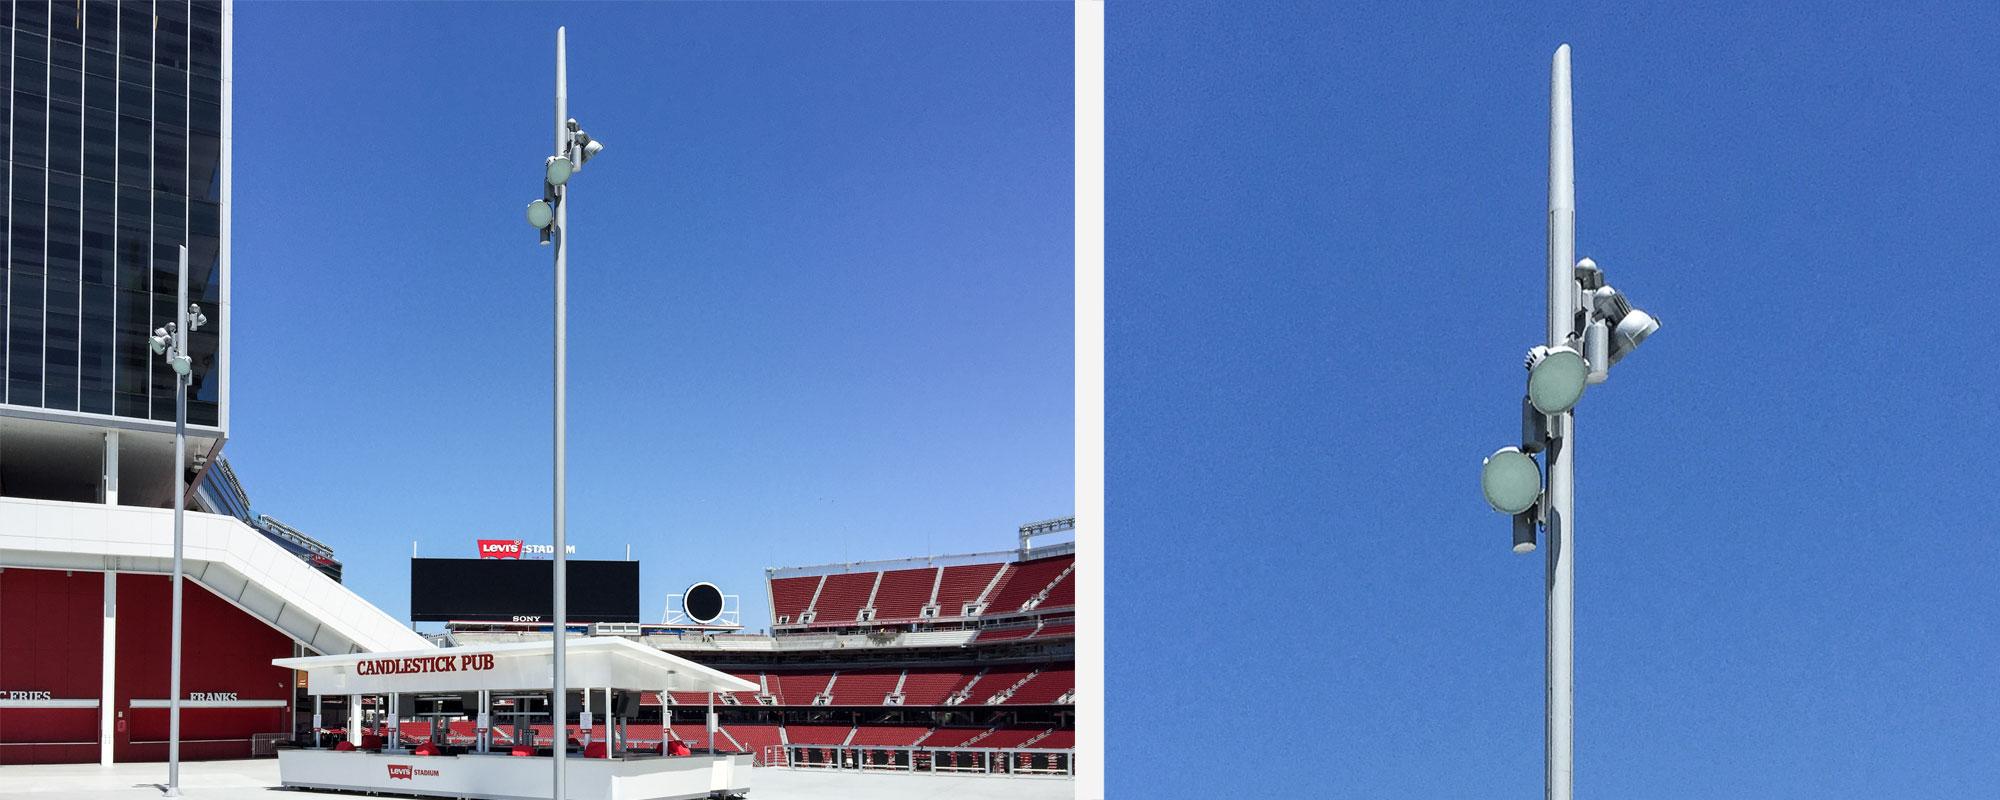 D_San-Fransisco-49ers-stadium